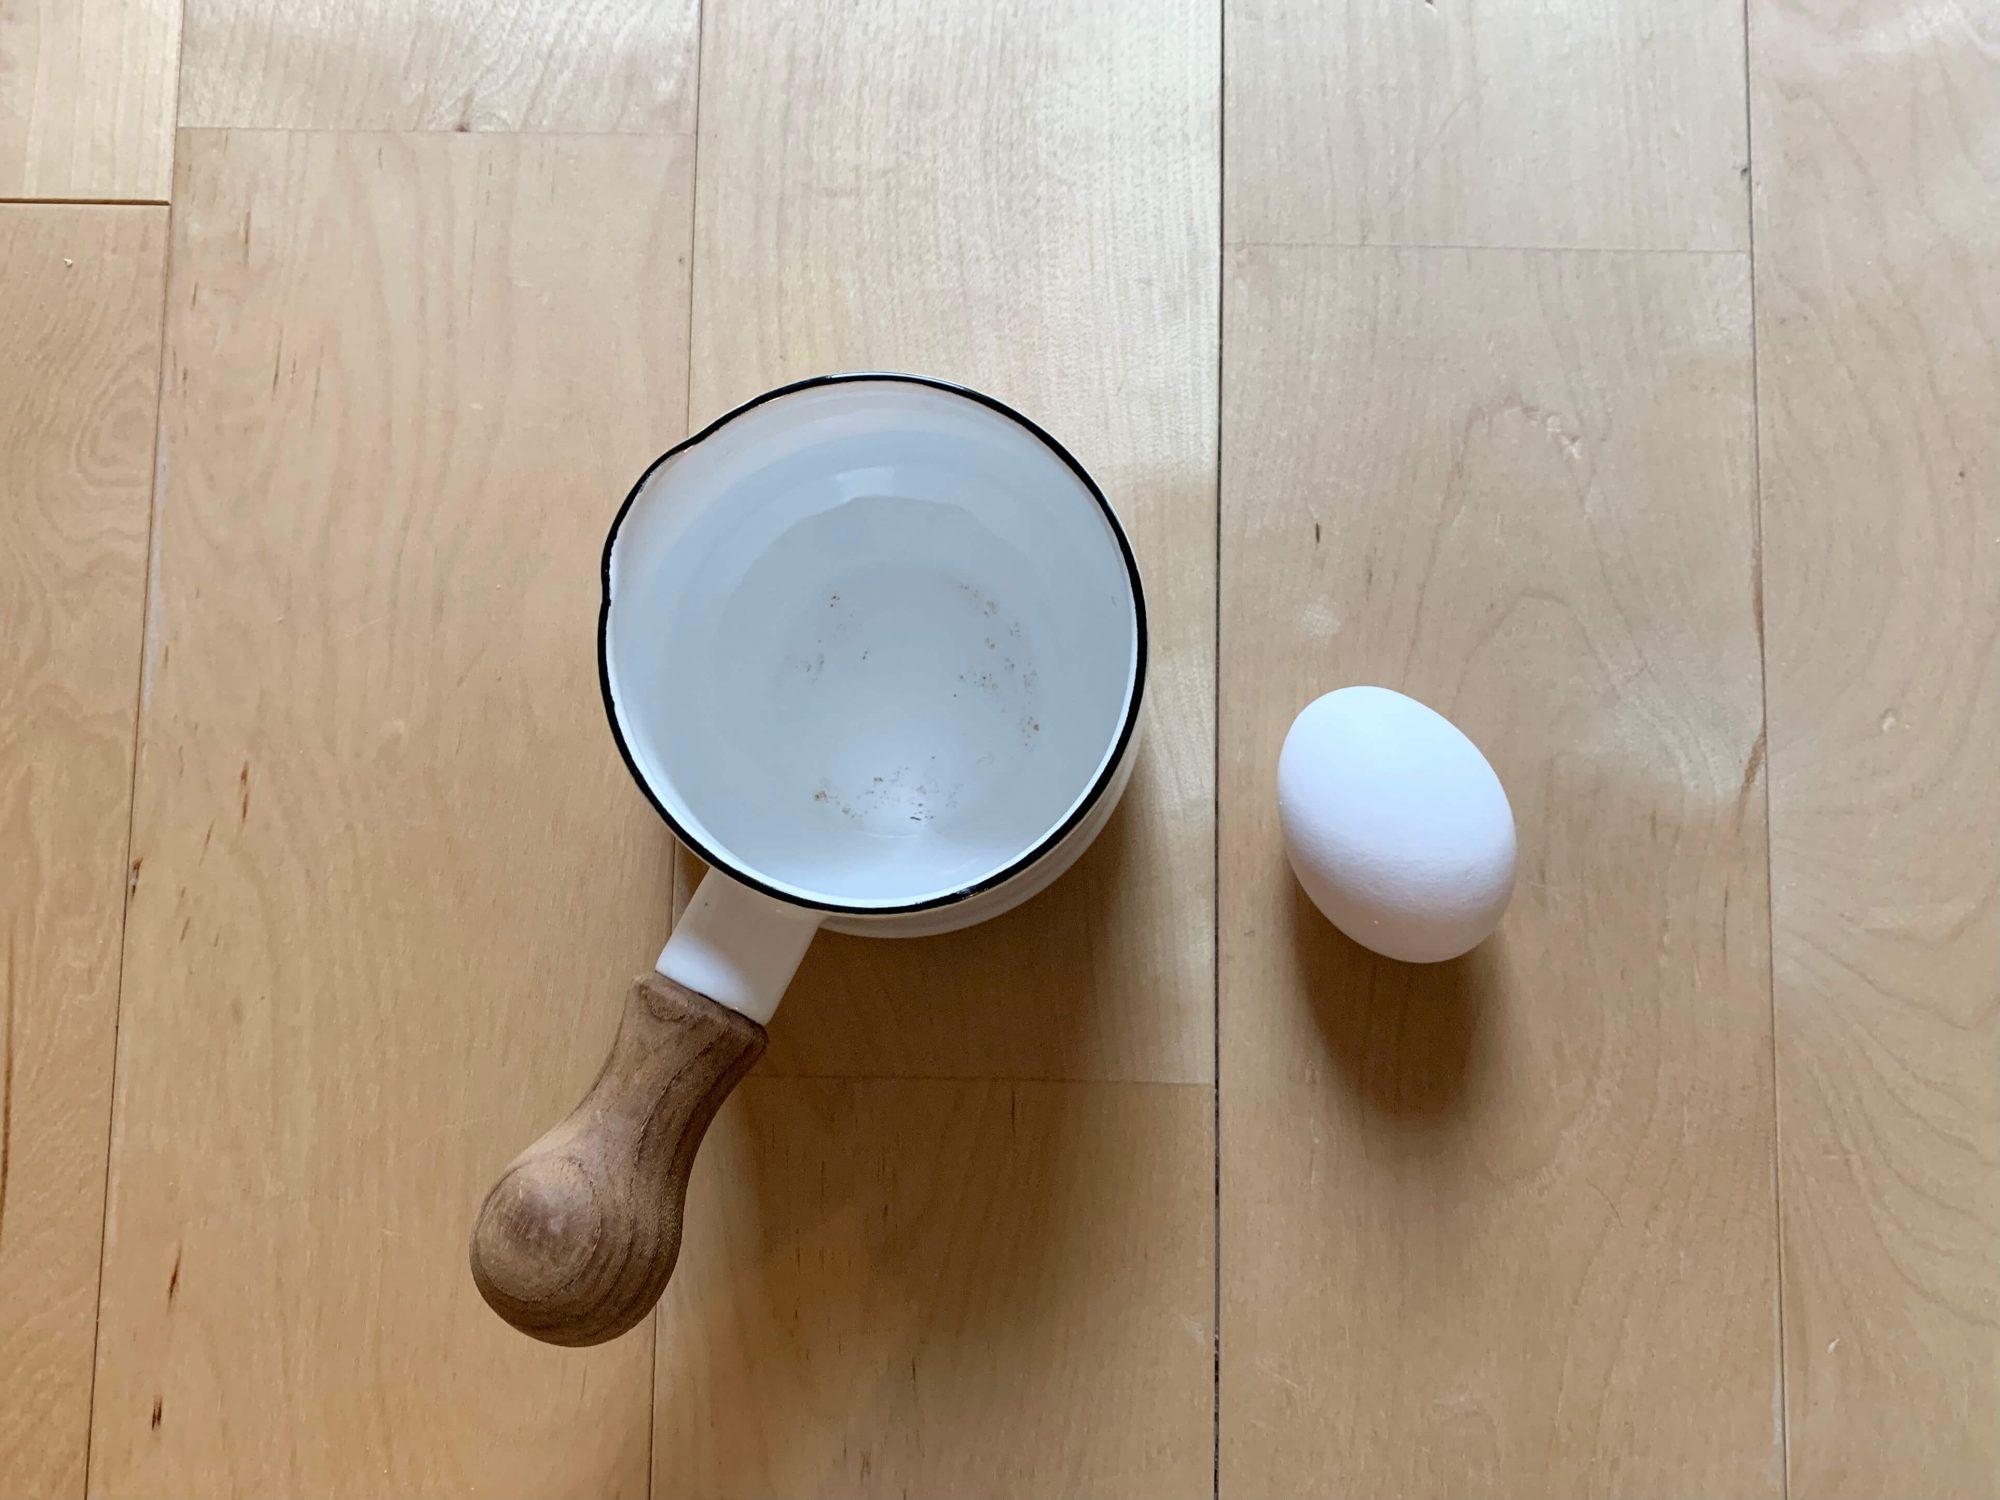 直径95×横幅188×高さ80㎜ほど、卵が2つ入るサイズ感です。普通の鍋を出すまでもない、ちょっと温める・ちょっと焼く時に便利。